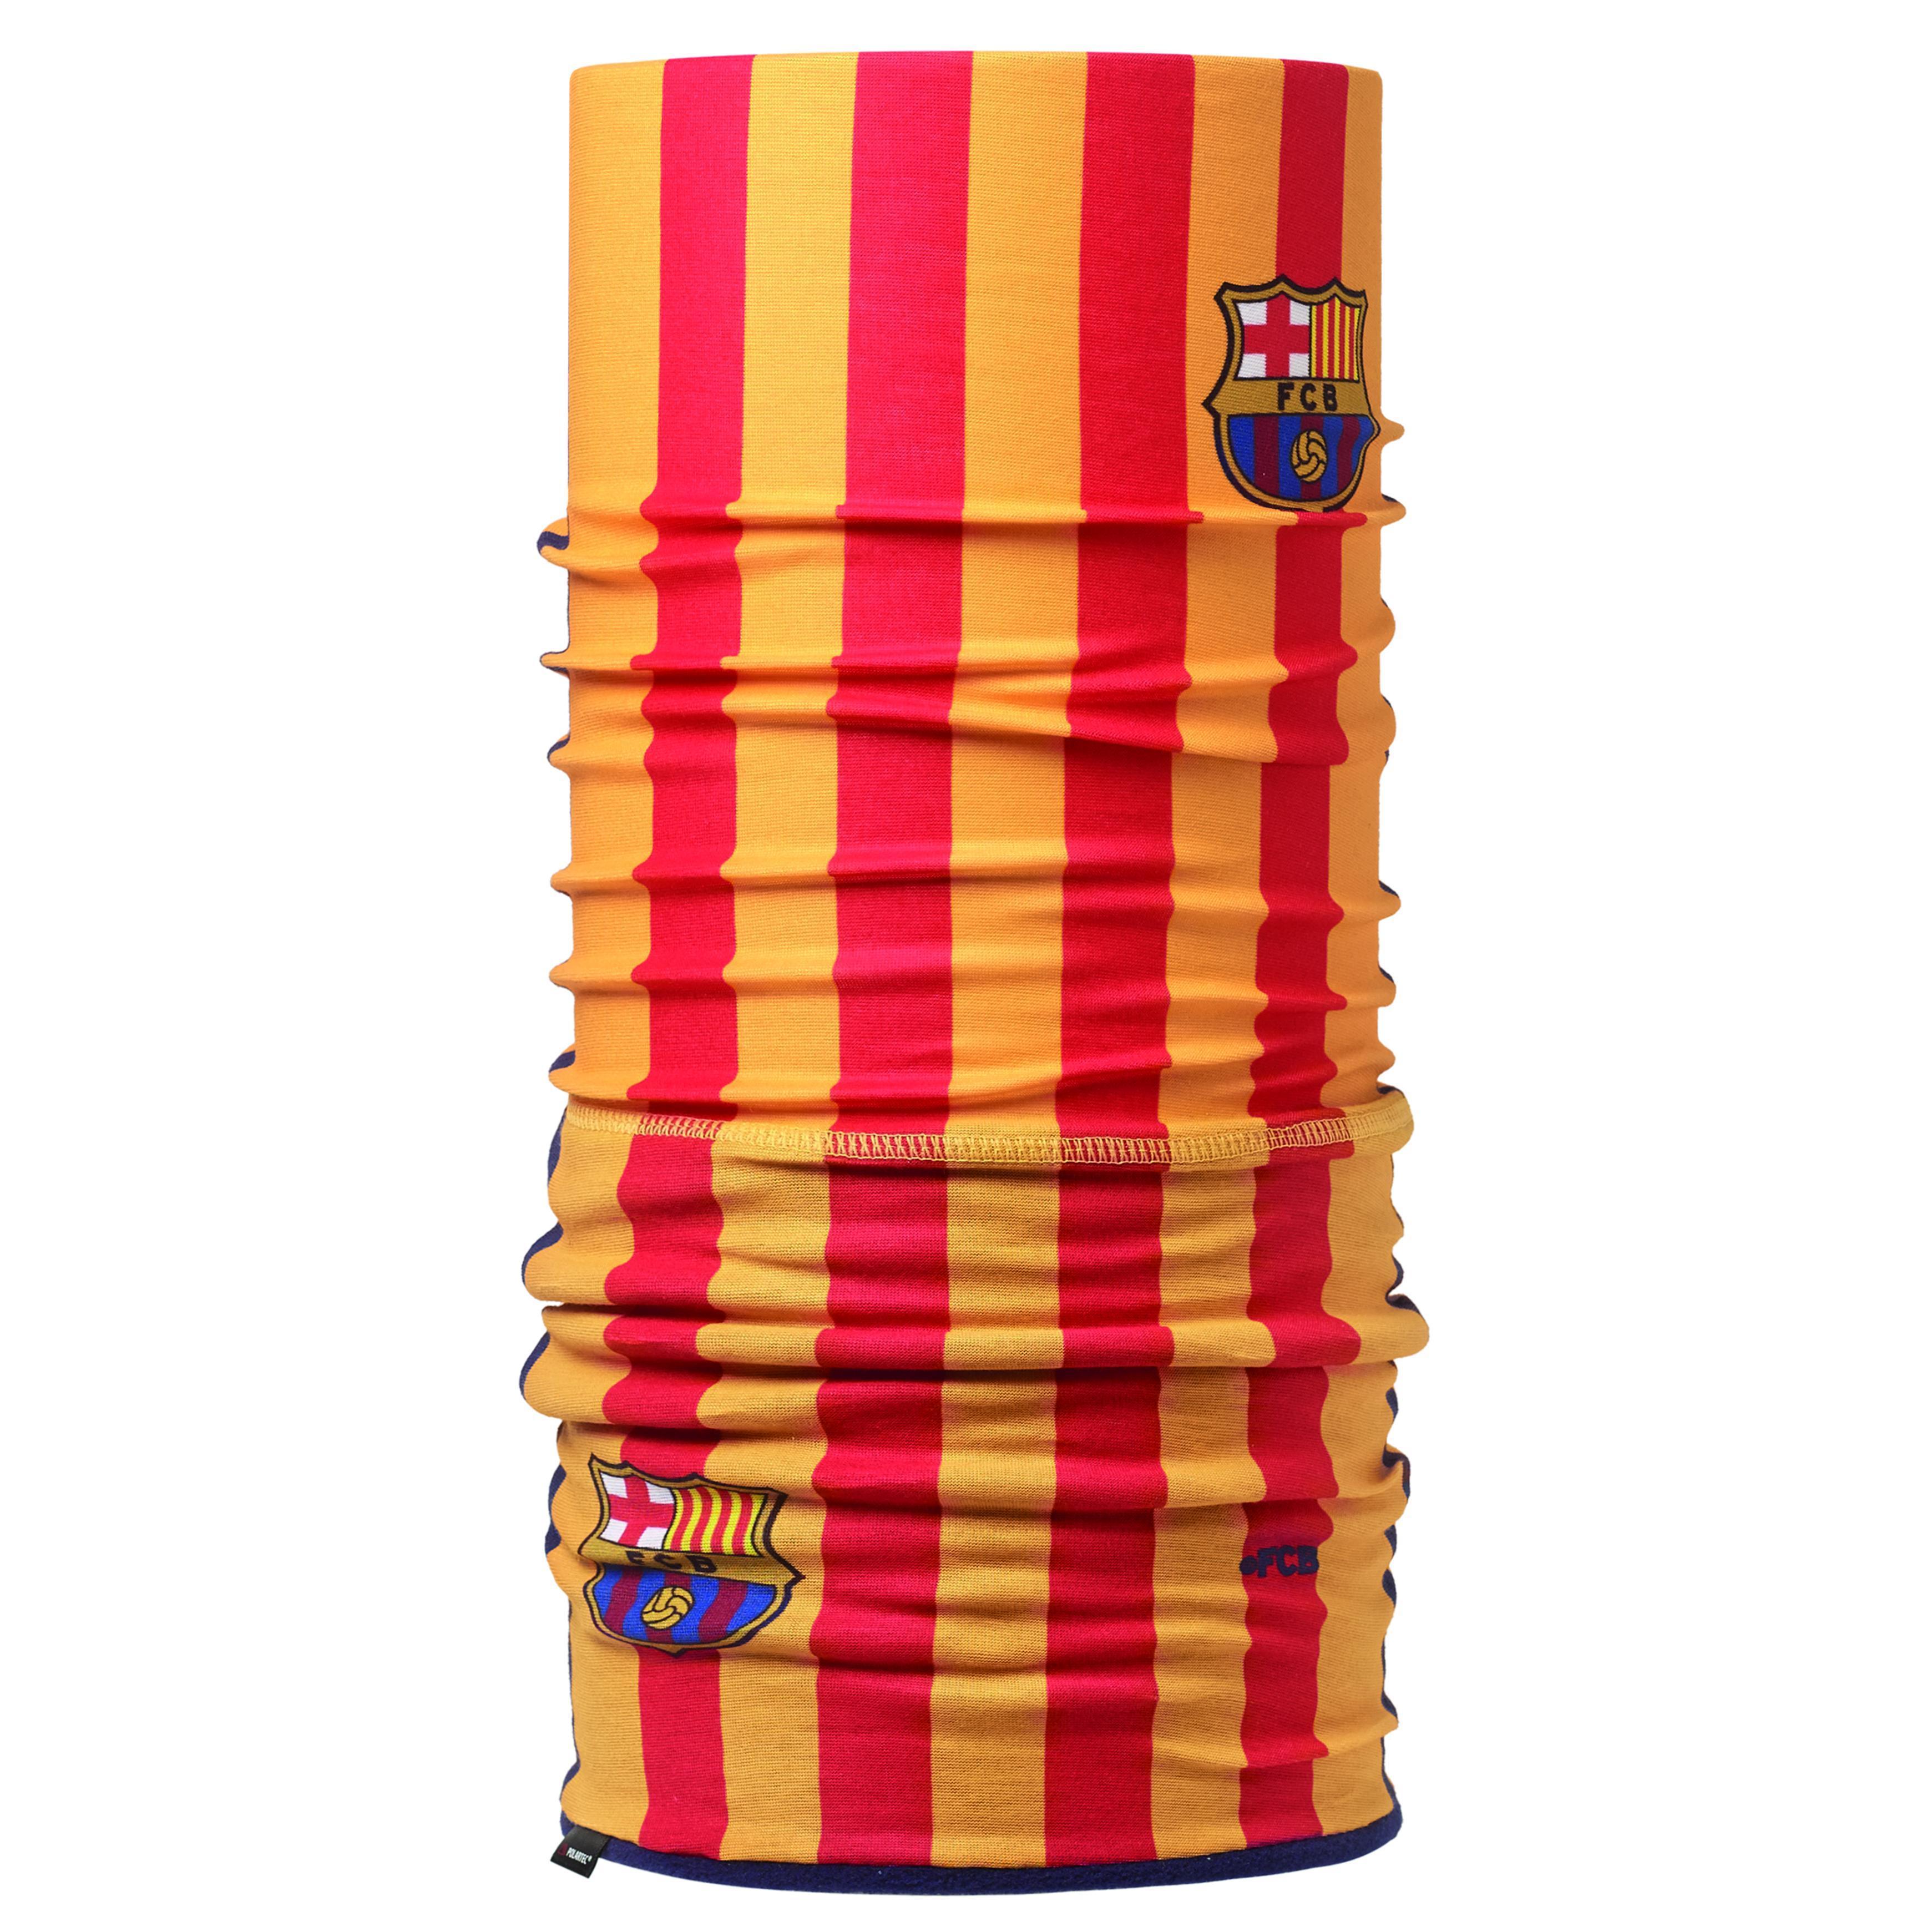 Бандана BUFF Polar Buff 2ND EQUIPMENT / NAVY 15-16 Банданы и шарфы ® 1169067  - купить со скидкой